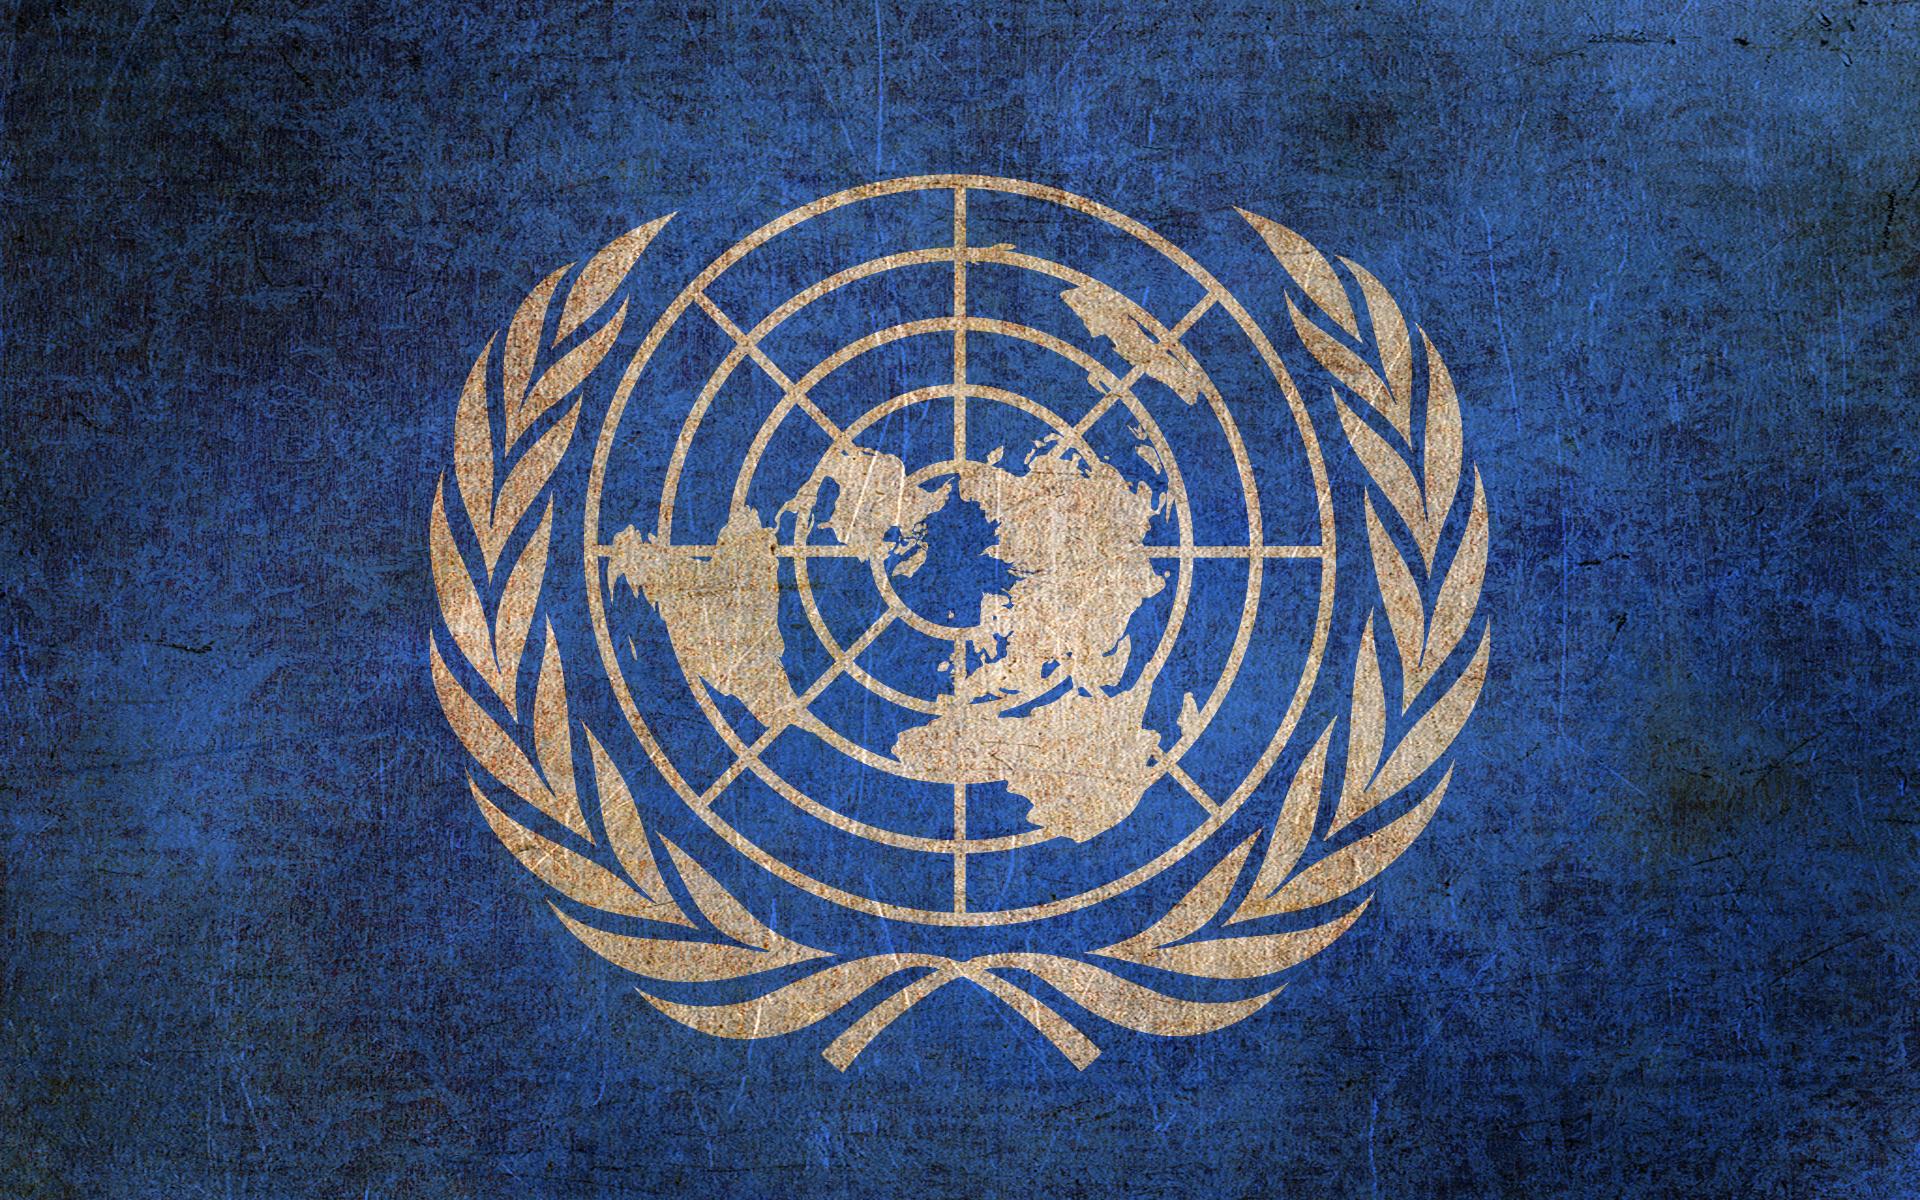 """Америка стала одной из 13 стран вСовете по правам человека <abbr lang=""""ru"""" title=""""Организация Объединённых Наций"""">ООН</abbr>, неподдержавших историческое решение."""